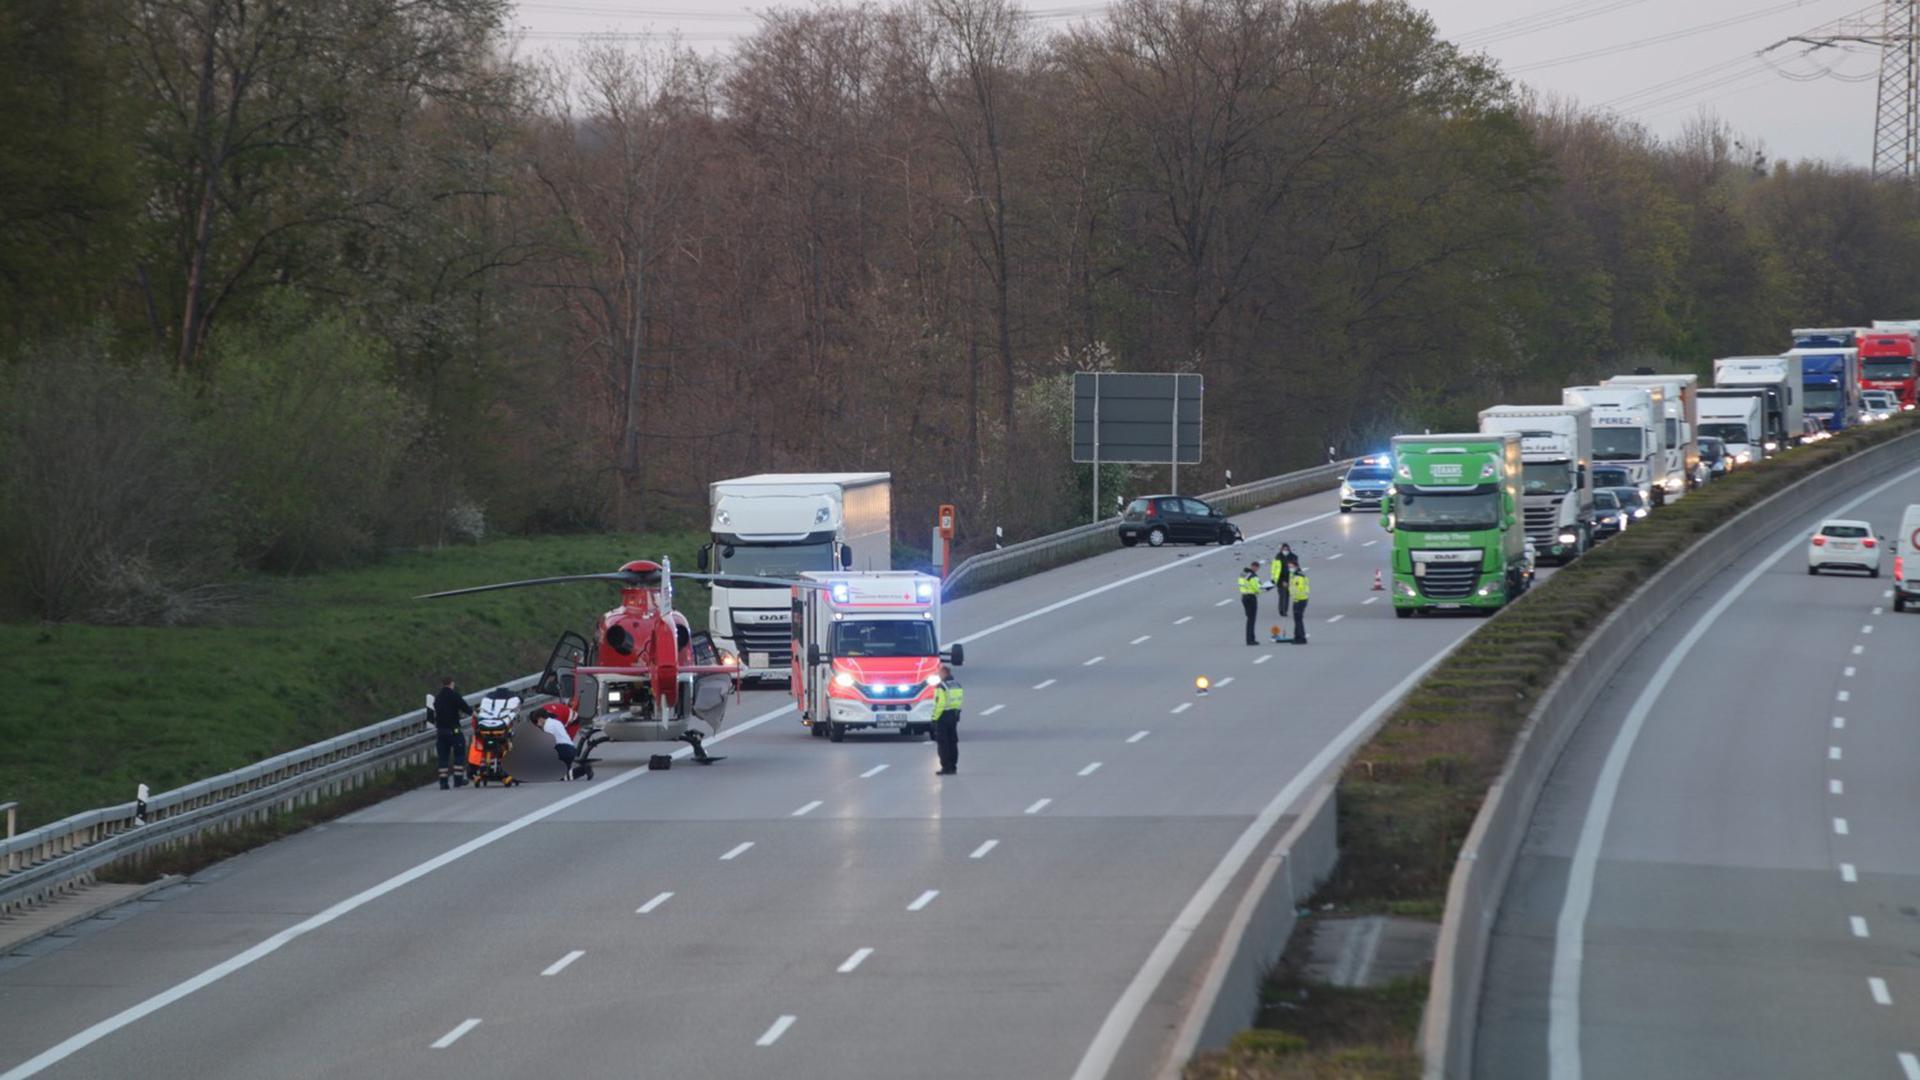 Die A5 bei Bühl. Im Vordergrund ein Rettungshubschrauber und ein Krankenwagen mit Blaulicht vor einem weißen Lkw auf dem Seitenstreifen. Rechts im Stau stehende Lkw.